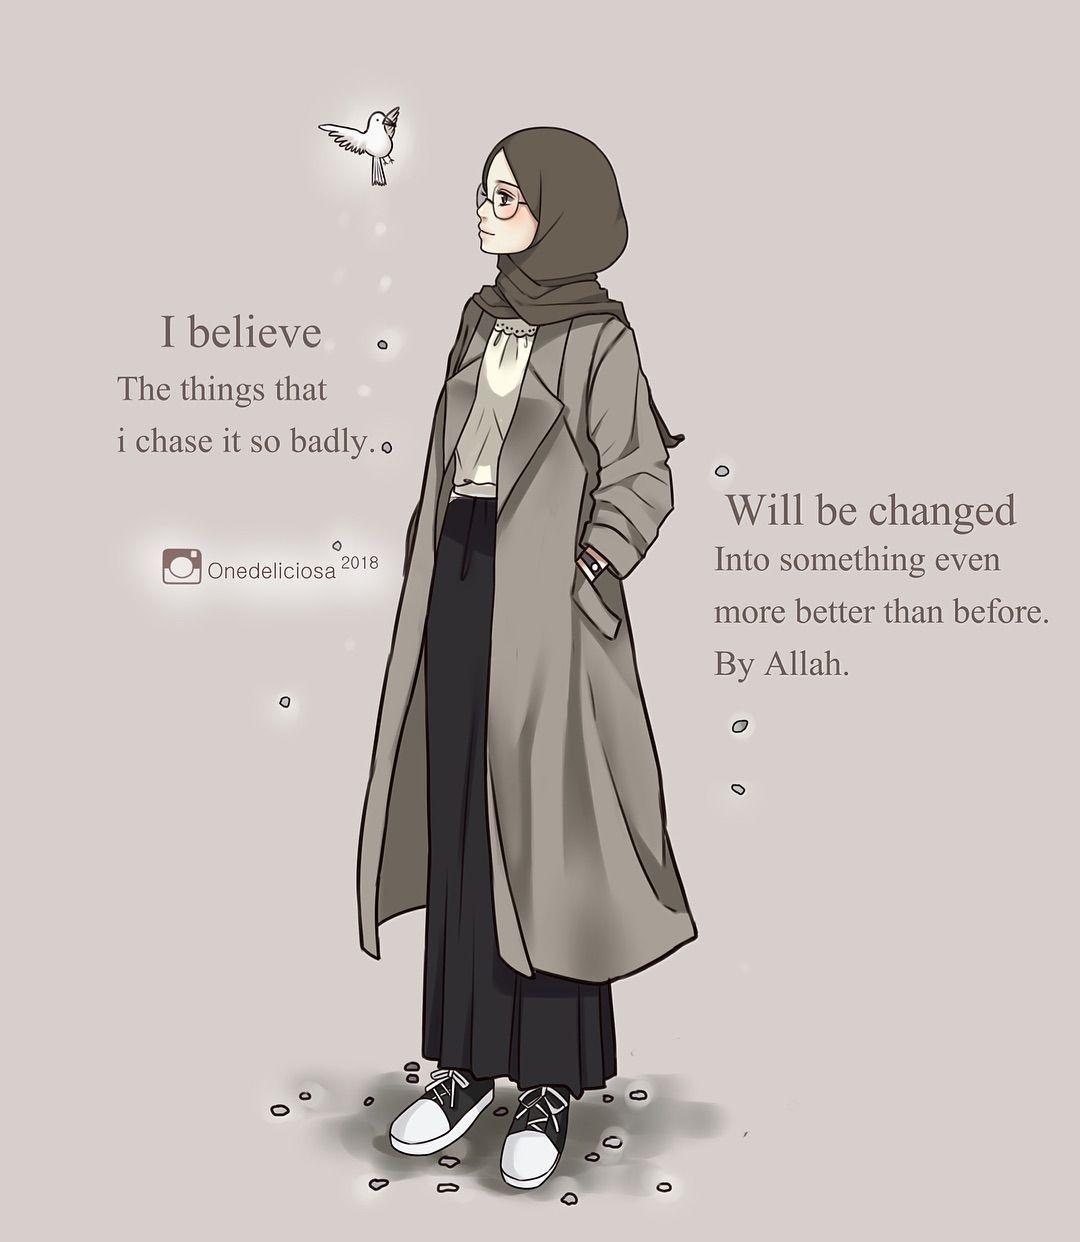 Kartun Muslimah Bersahabat Kartun Ilustrasi Karakter Gambar